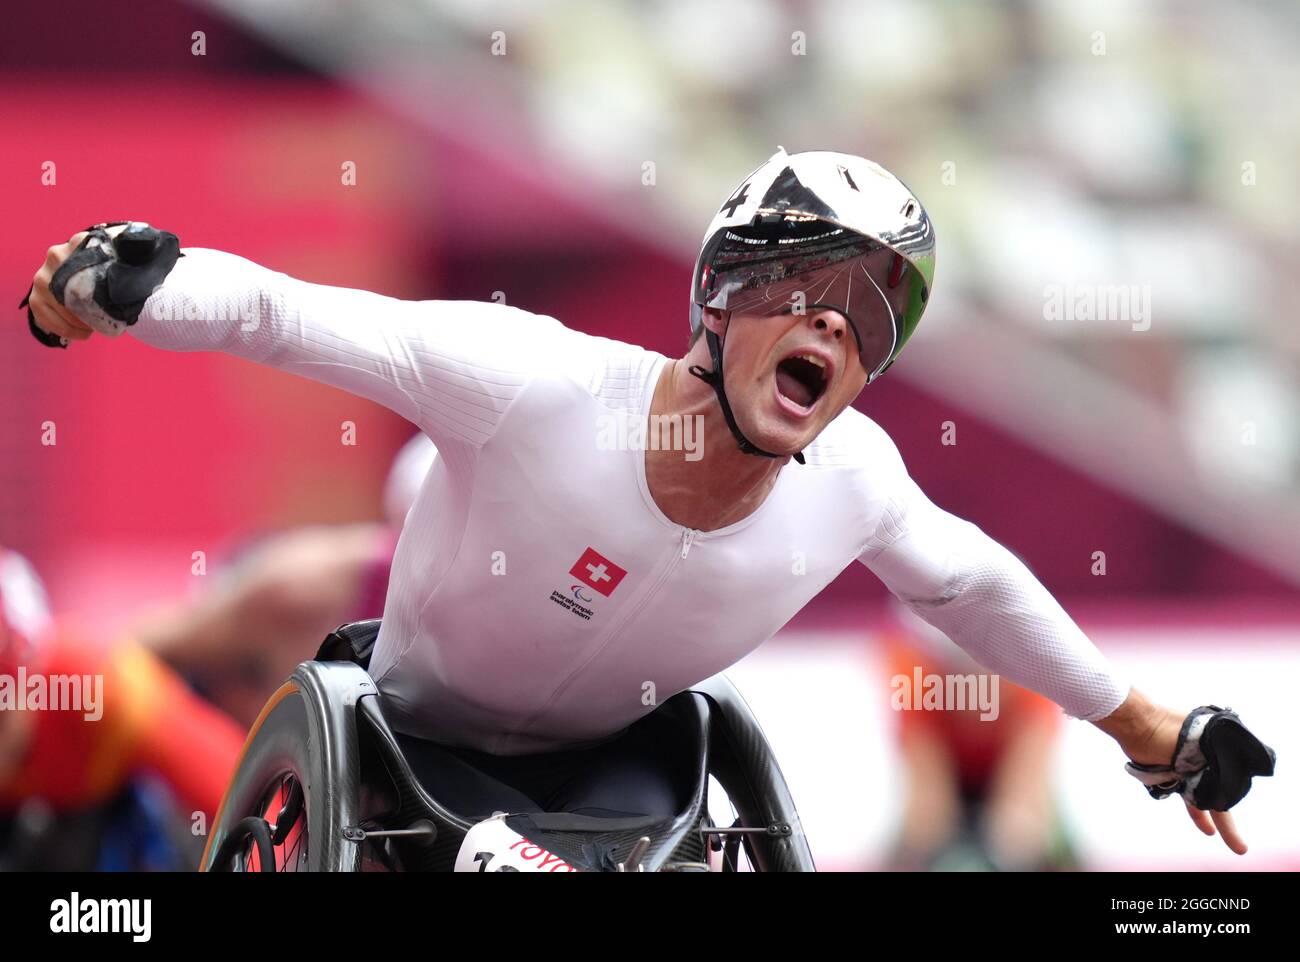 Der Schweizer Marcel Hug reagiert darauf, nachdem er am siebten Tag der Paralympischen Spiele in Tokio 2020 das 1500-m-T54-Finale der Männer im Olympiastadion gewonnen hat. Bilddatum: Dienstag, 31. August 2021. Stockfoto